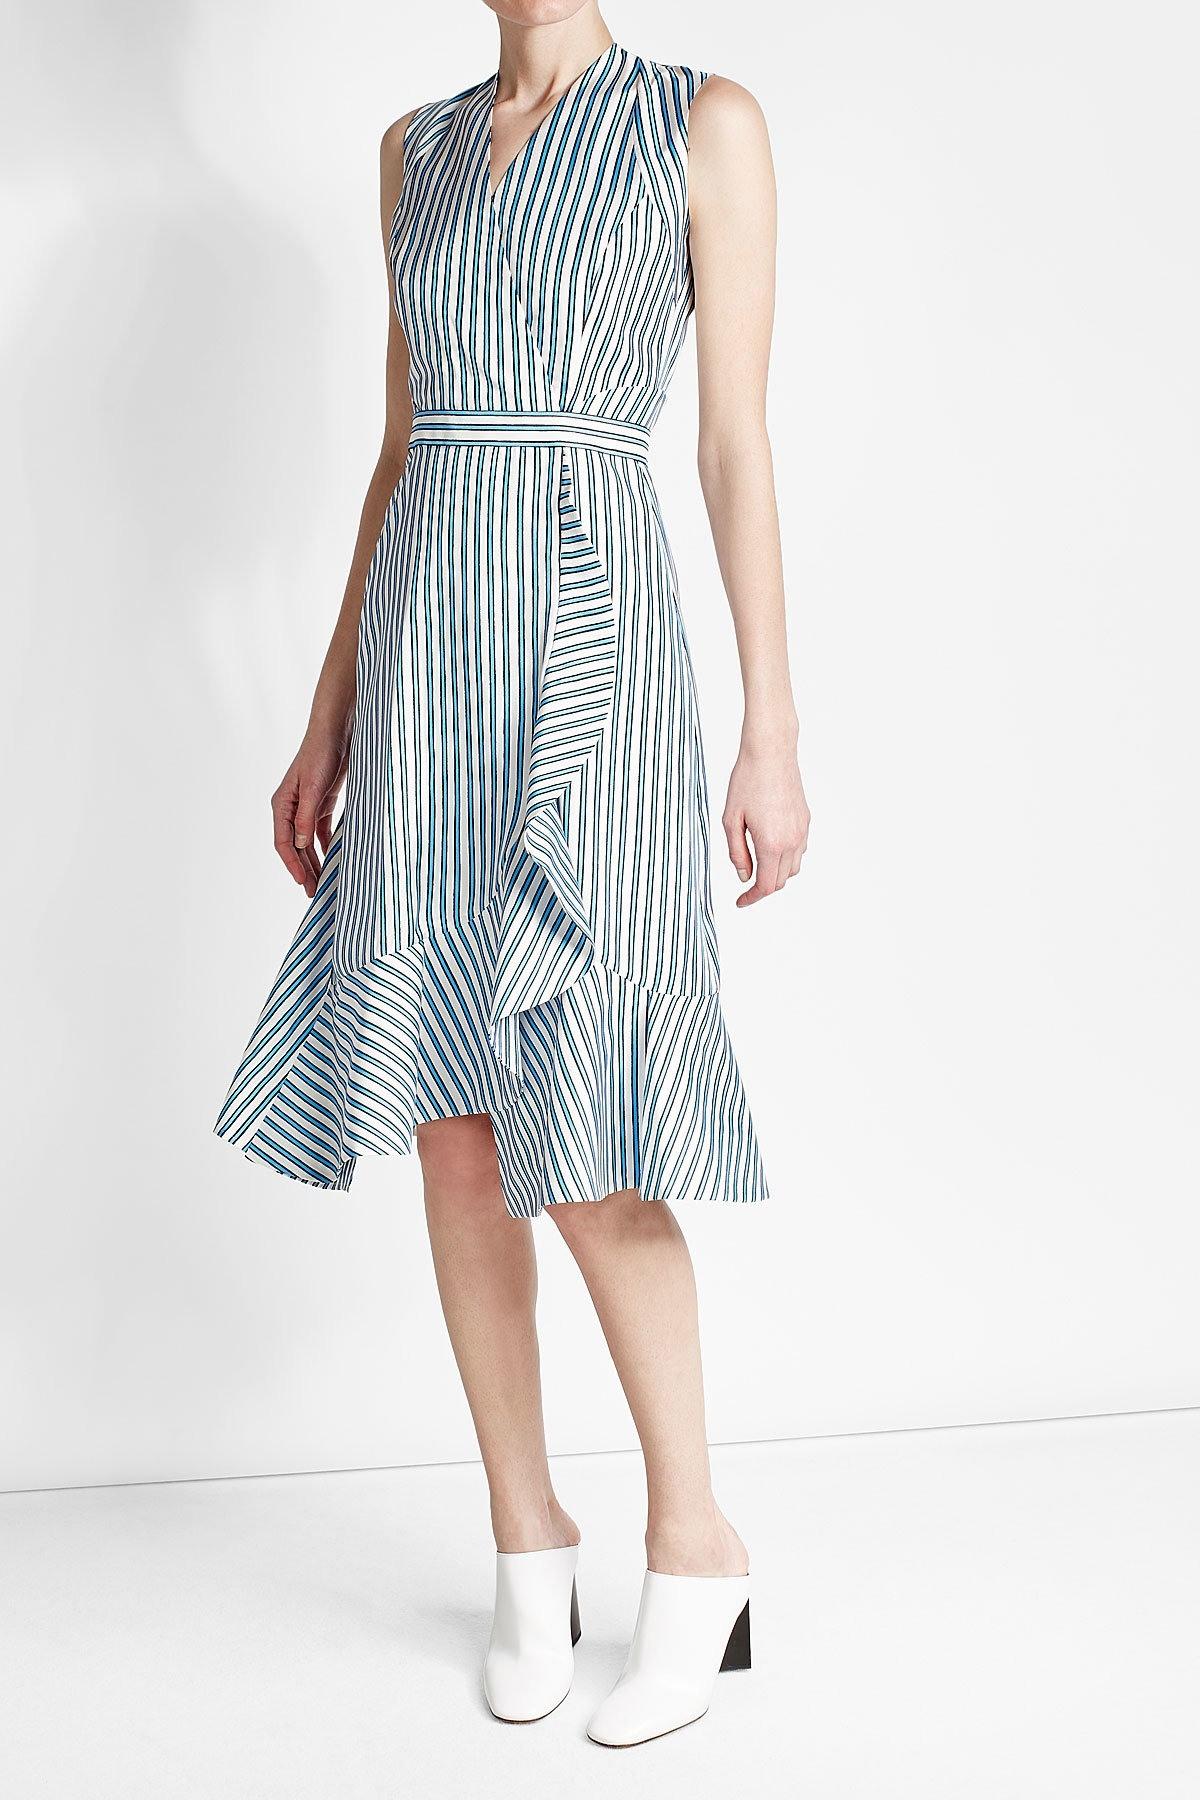 Tolle kleider online kaufen